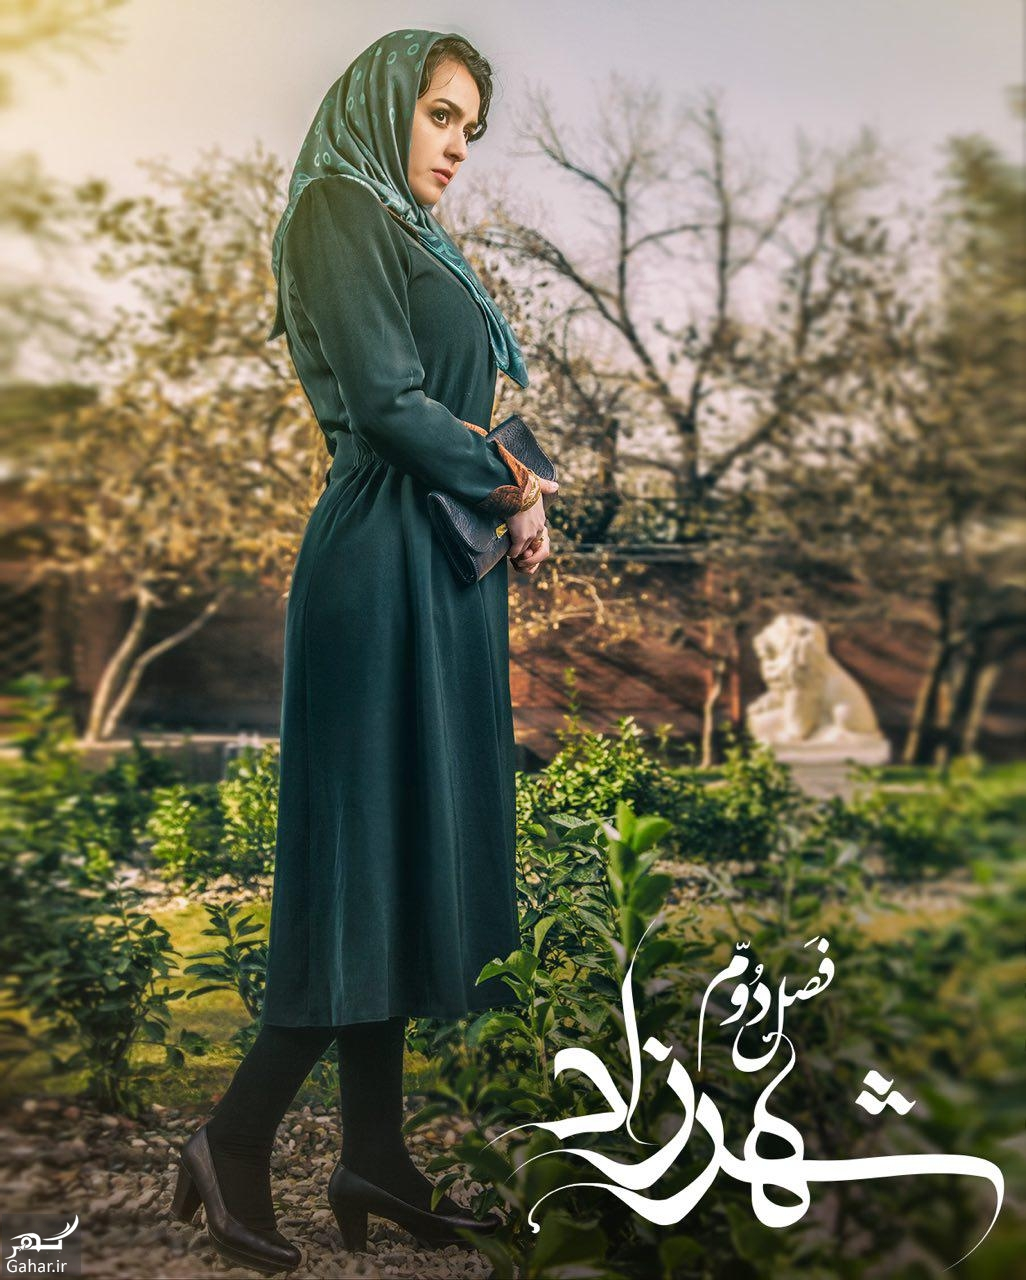 350877 Gahar ir تیزر فصل دوم شهرزاد منتشر شد + عکس و زمان پخش شهرزاد